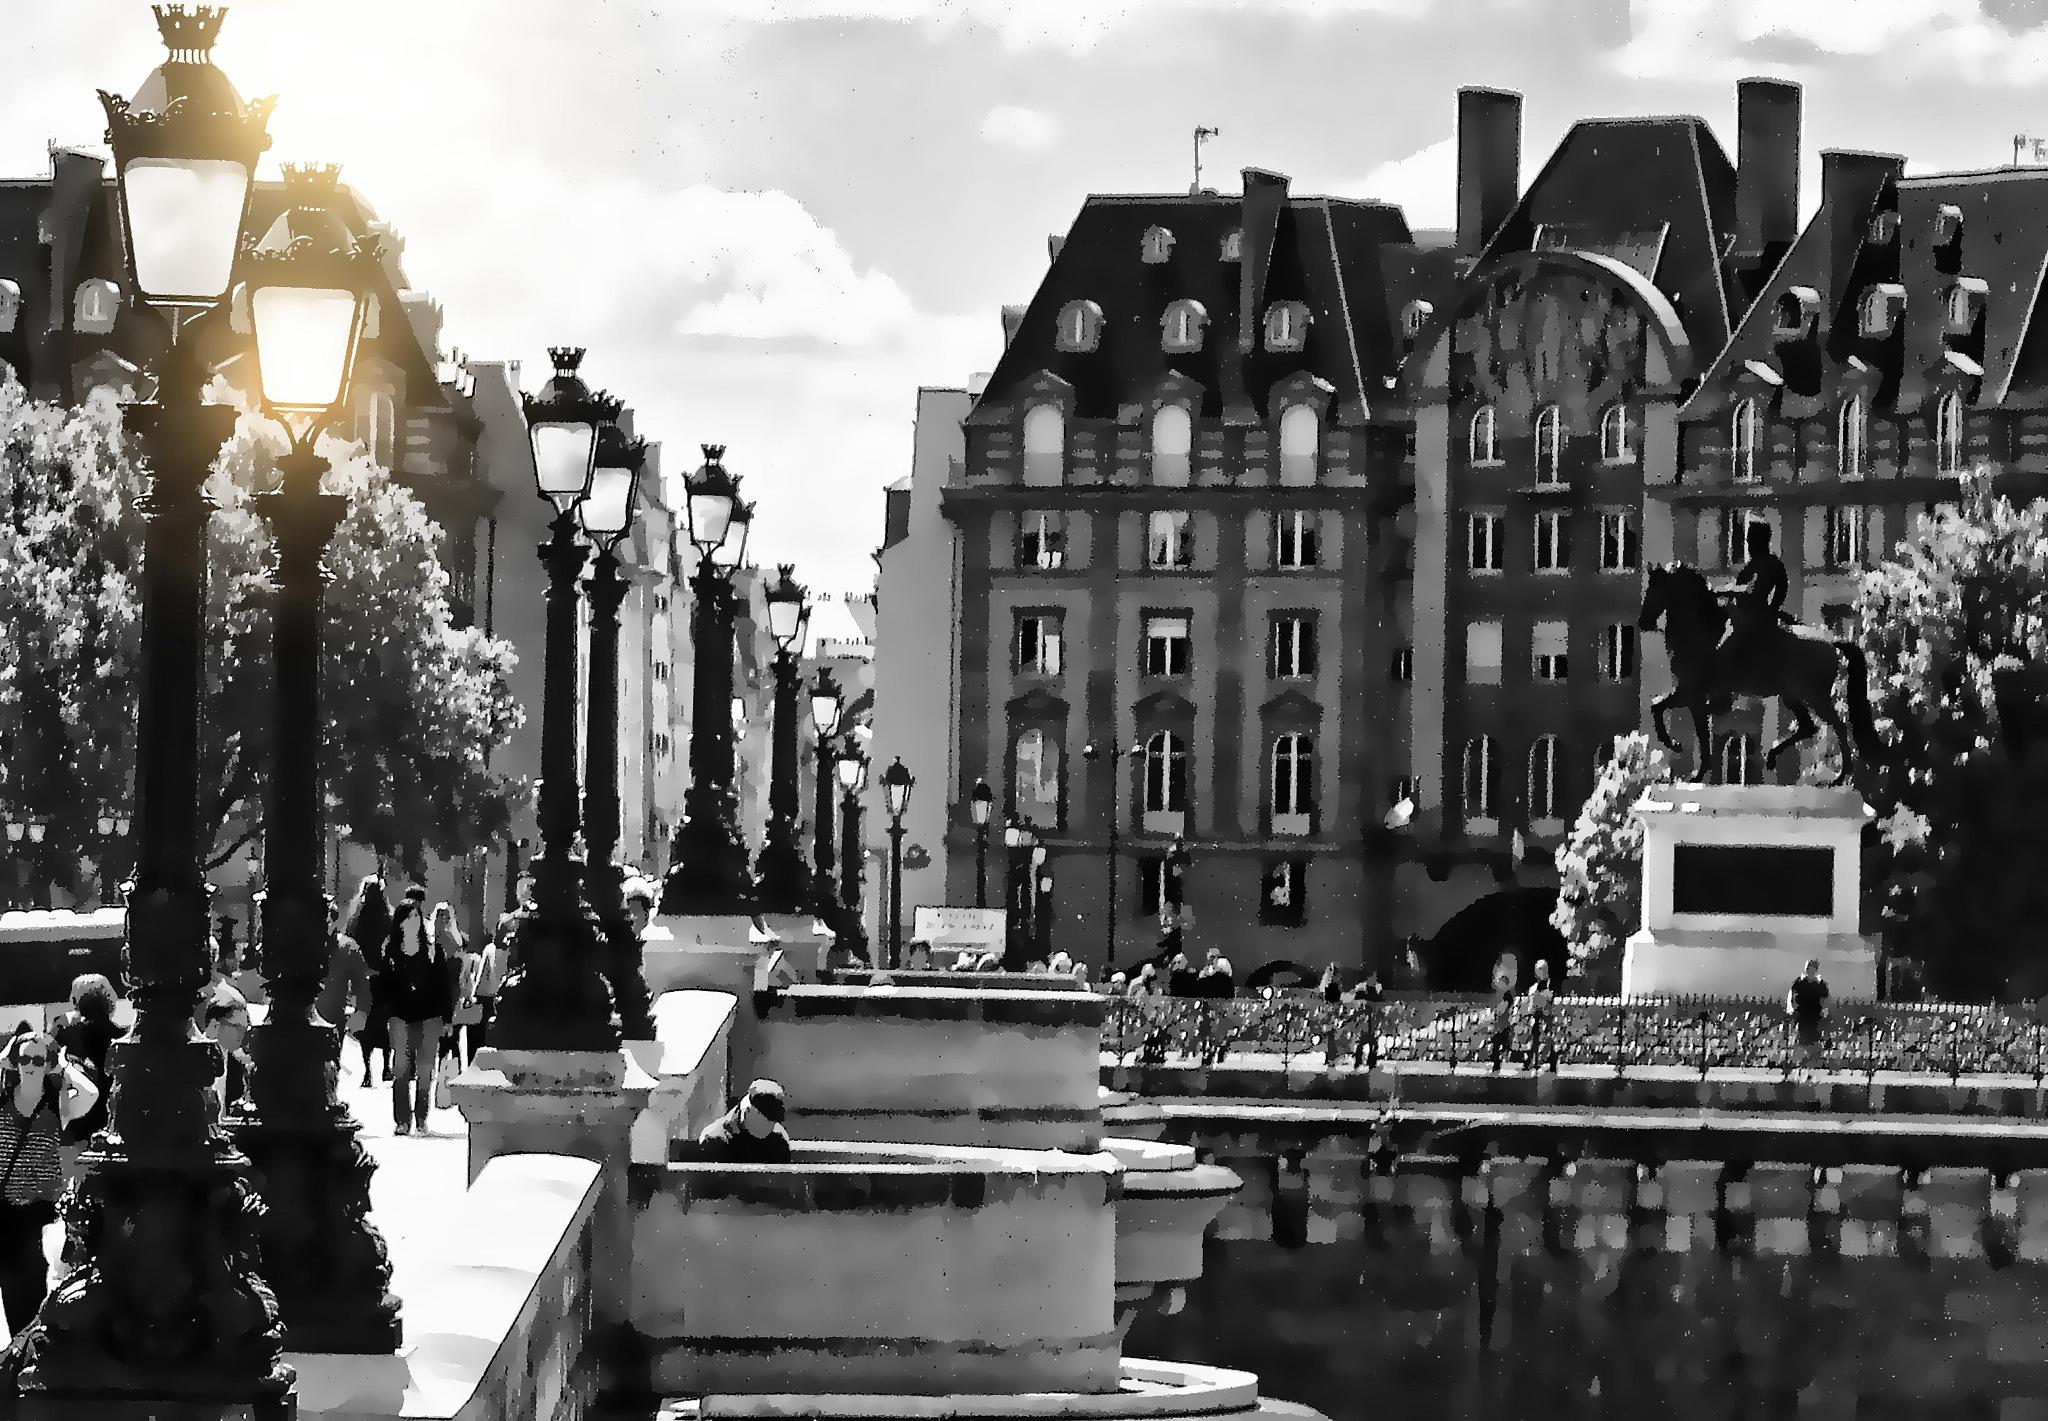 Parigi Magnifica by silvestro cappellini